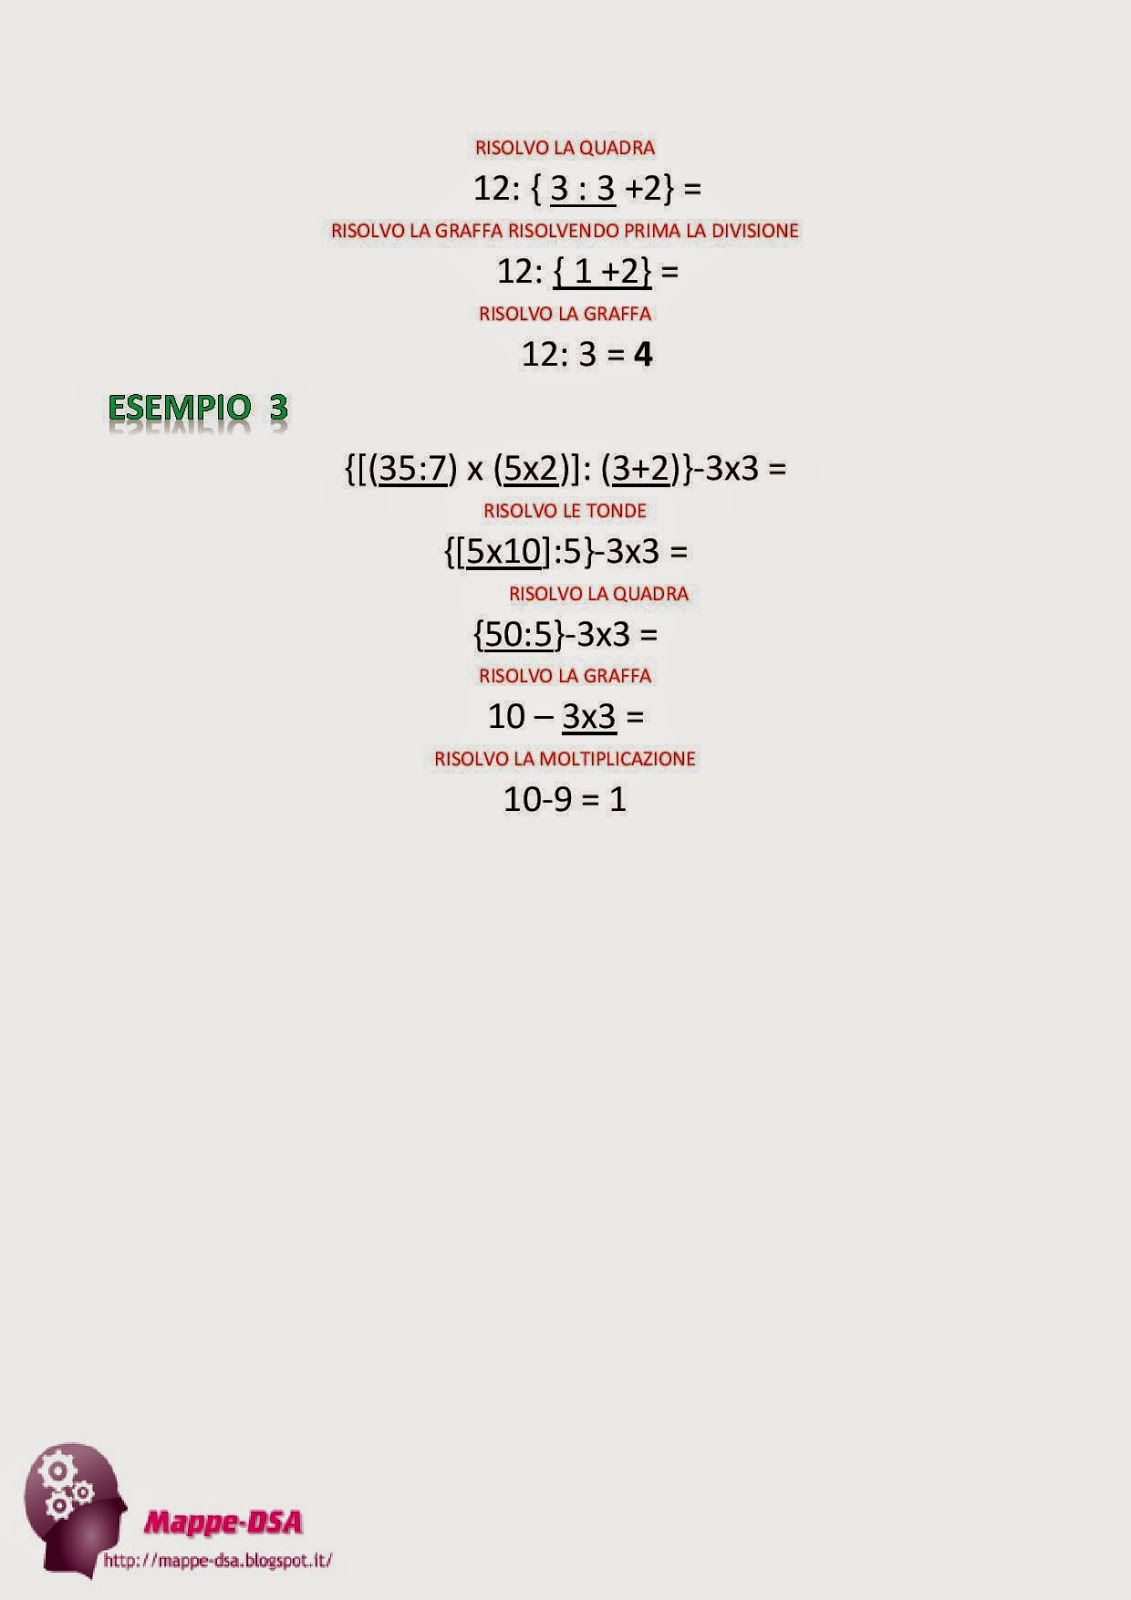 mappa schema dsa dislessia matematica elementari espressioni